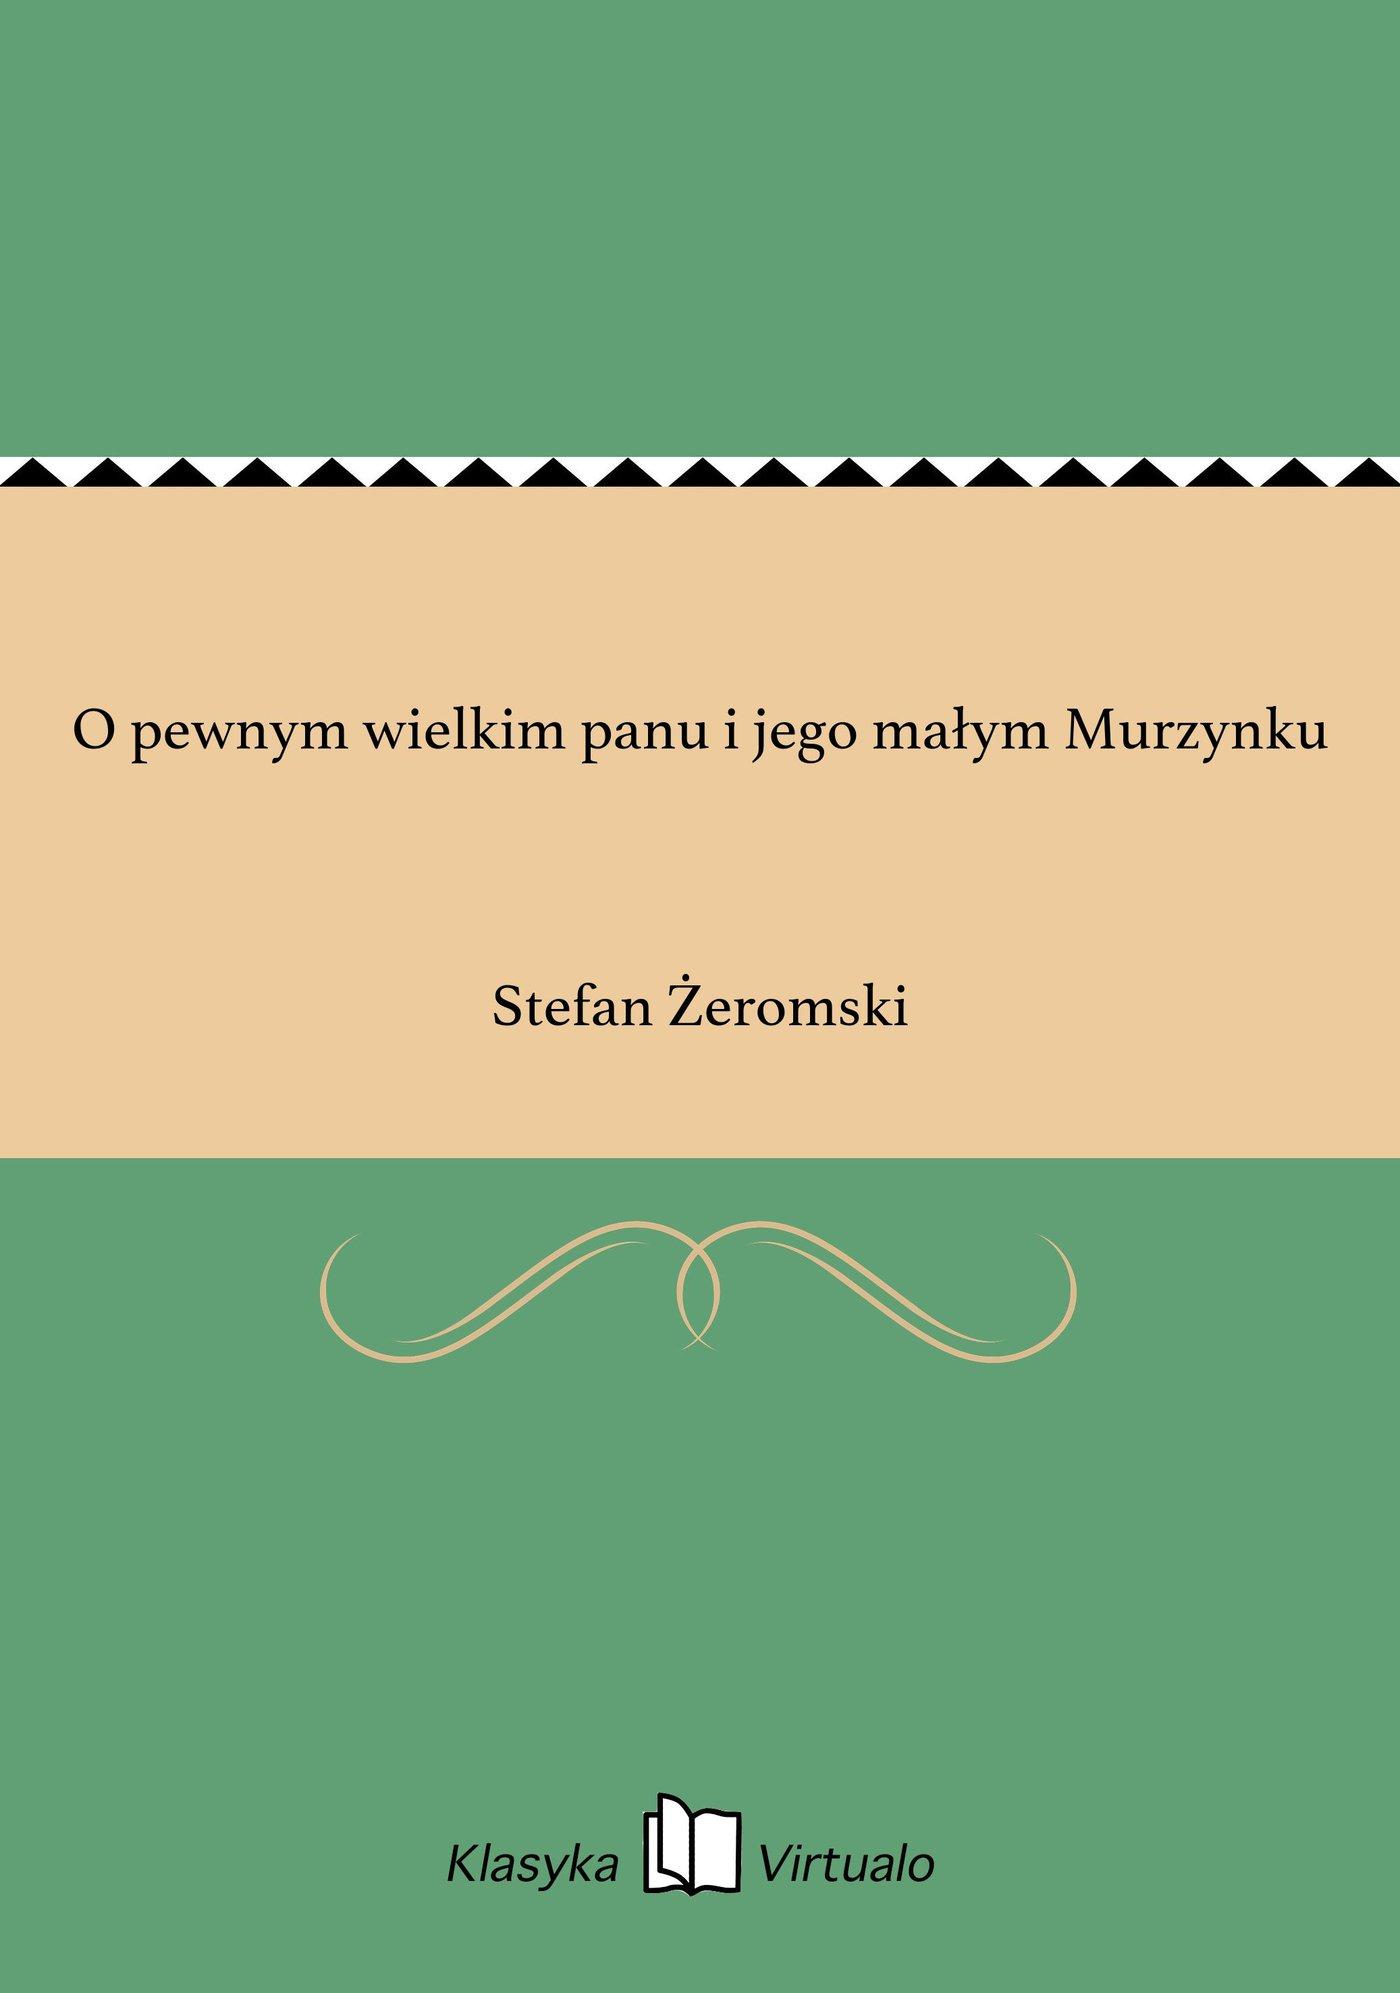 O pewnym wielkim panu i jego małym Murzynku - Ebook (Książka EPUB) do pobrania w formacie EPUB